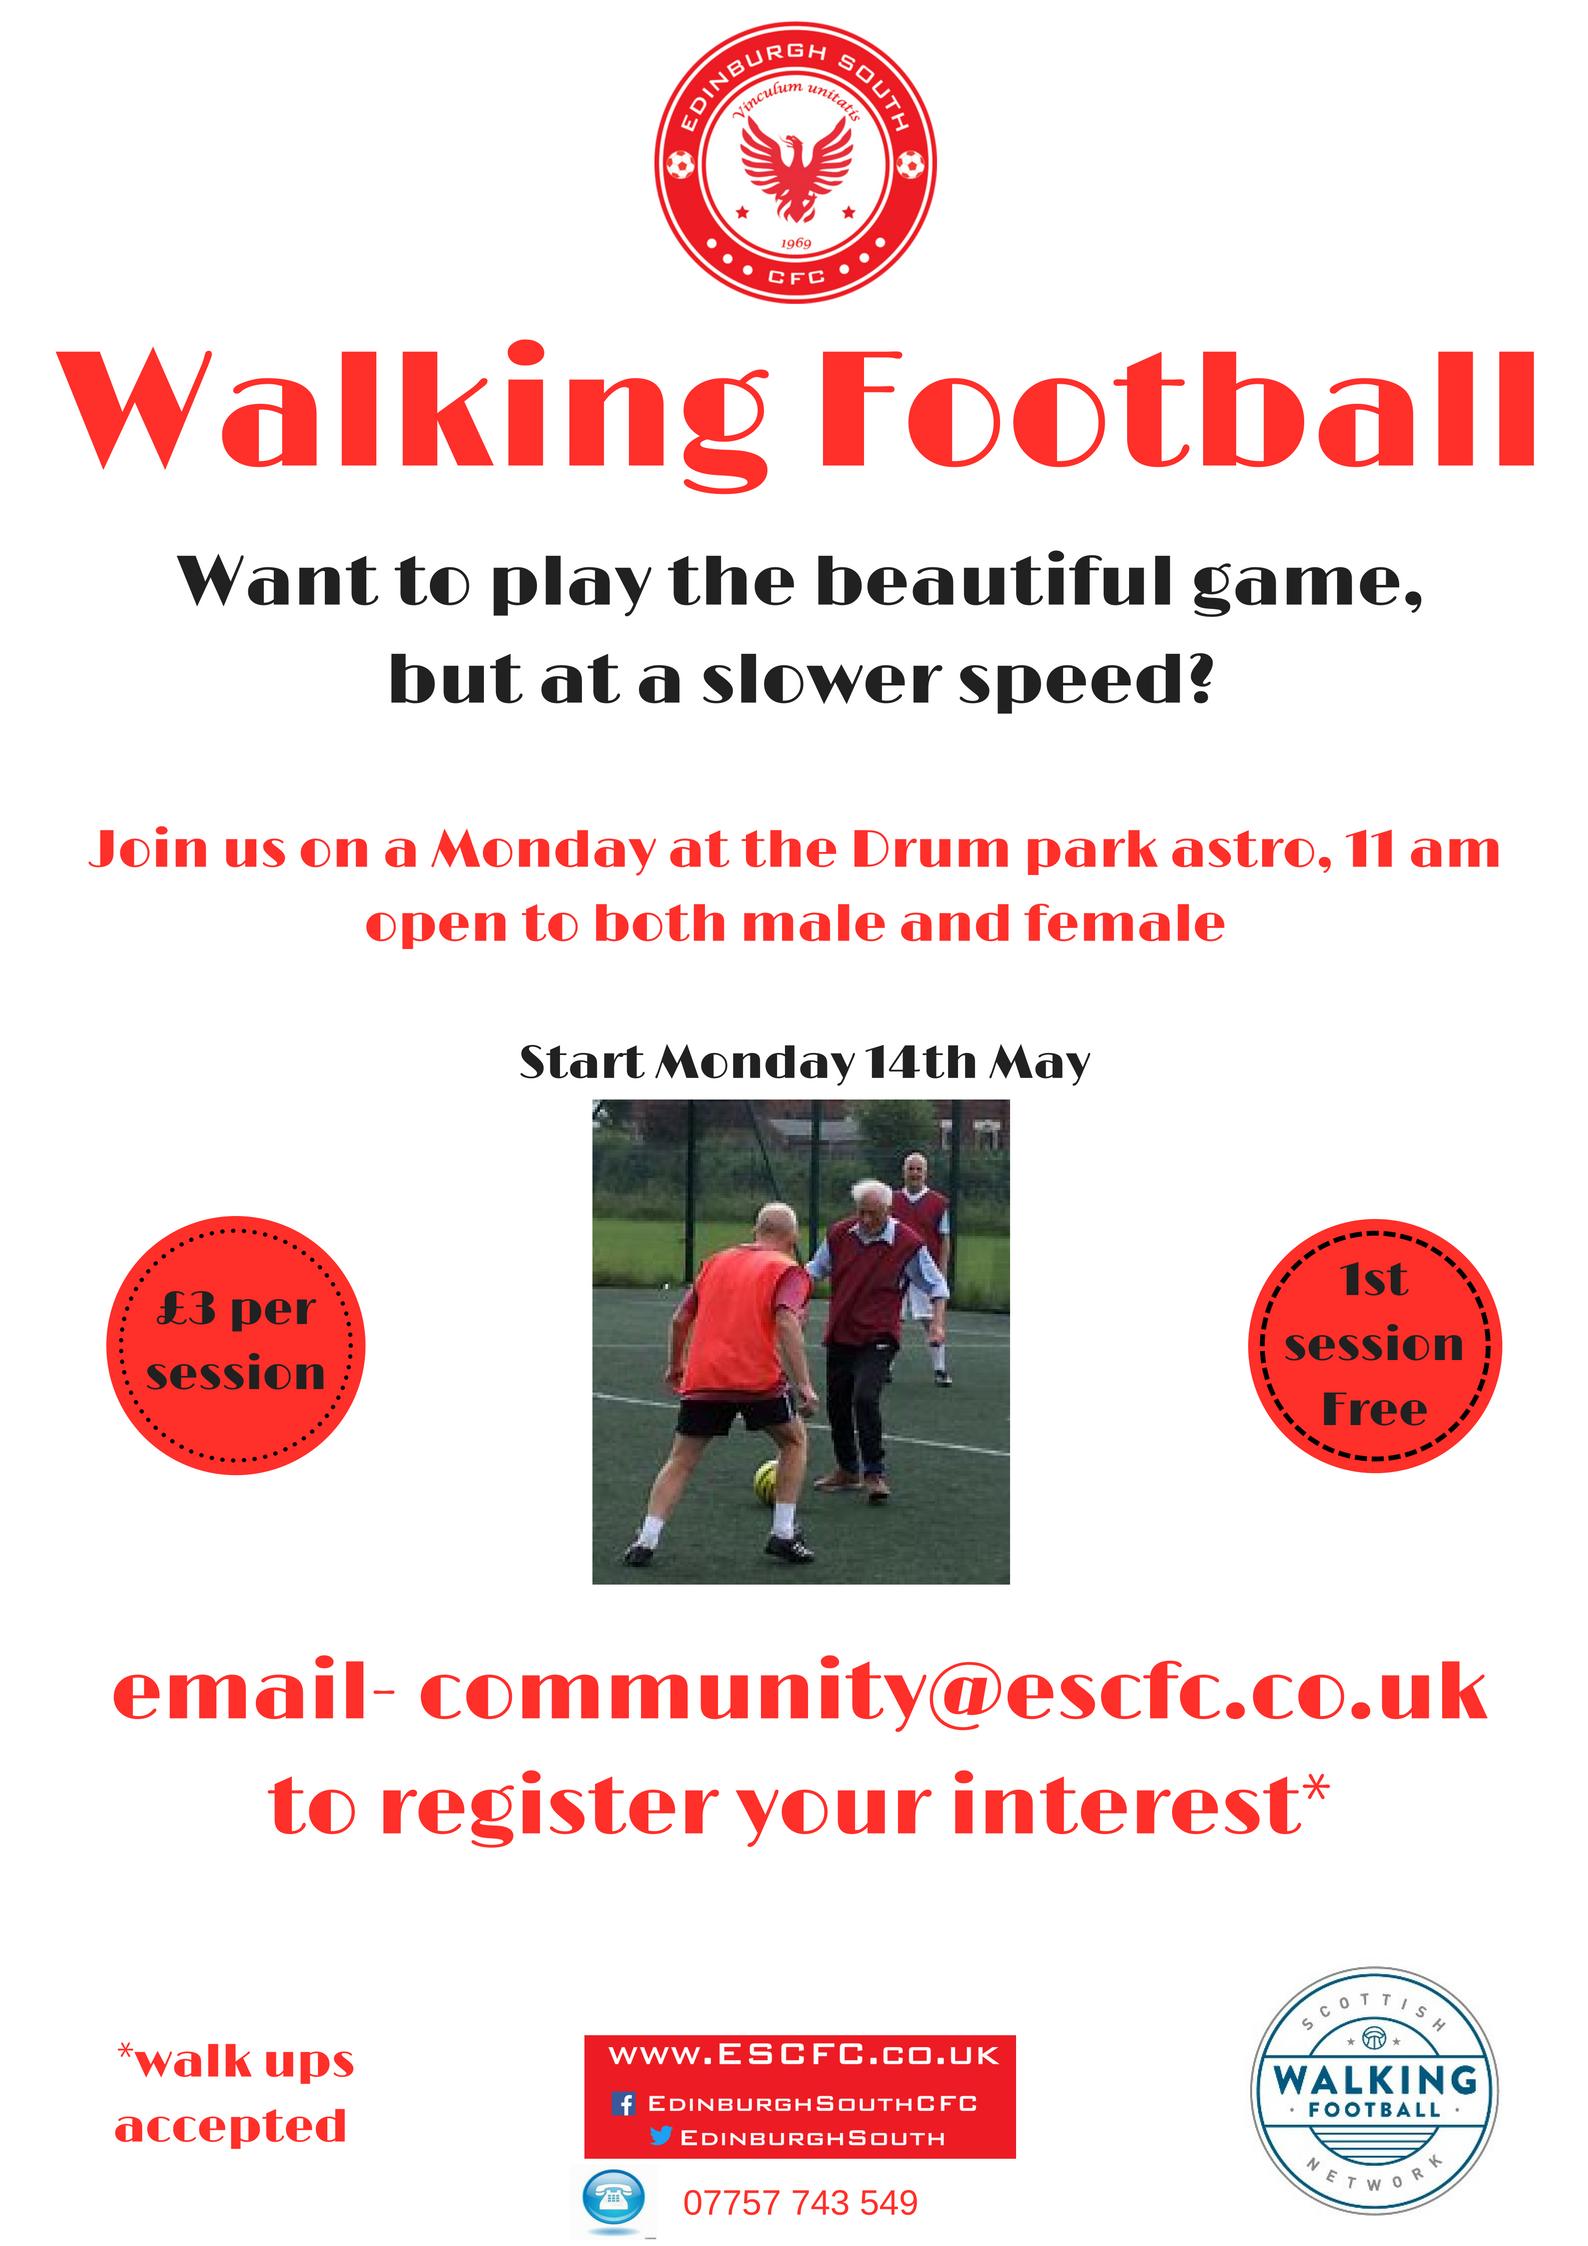 Walking_Football_png.png